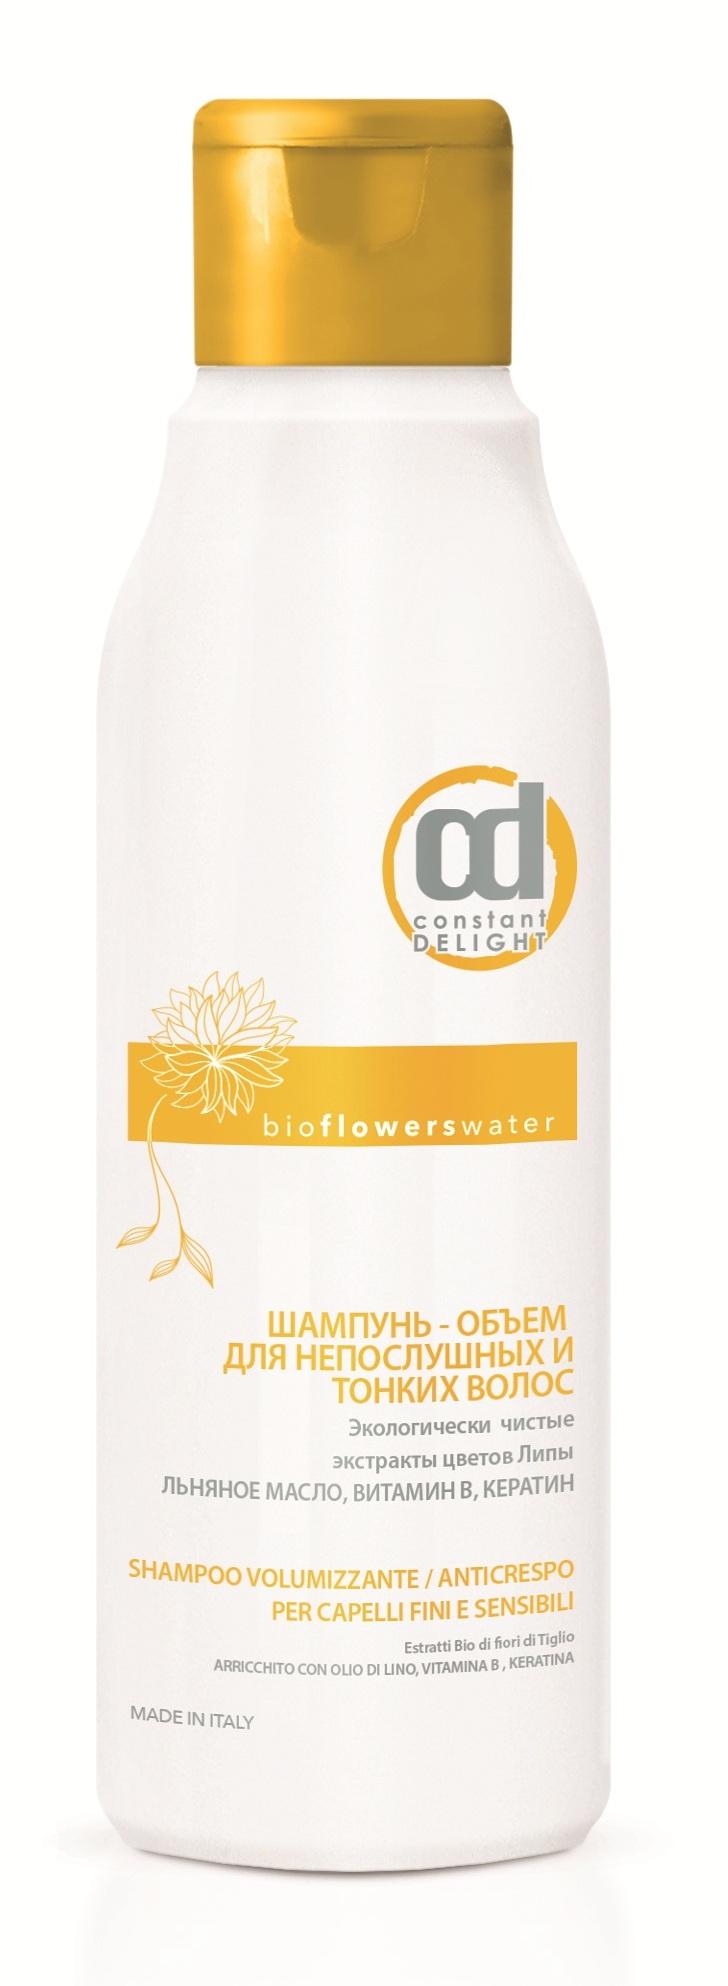 CONSTANT DELIGHT Шампунь-объем для непослушных и тонких волос / BIO FLOWER 250 мл